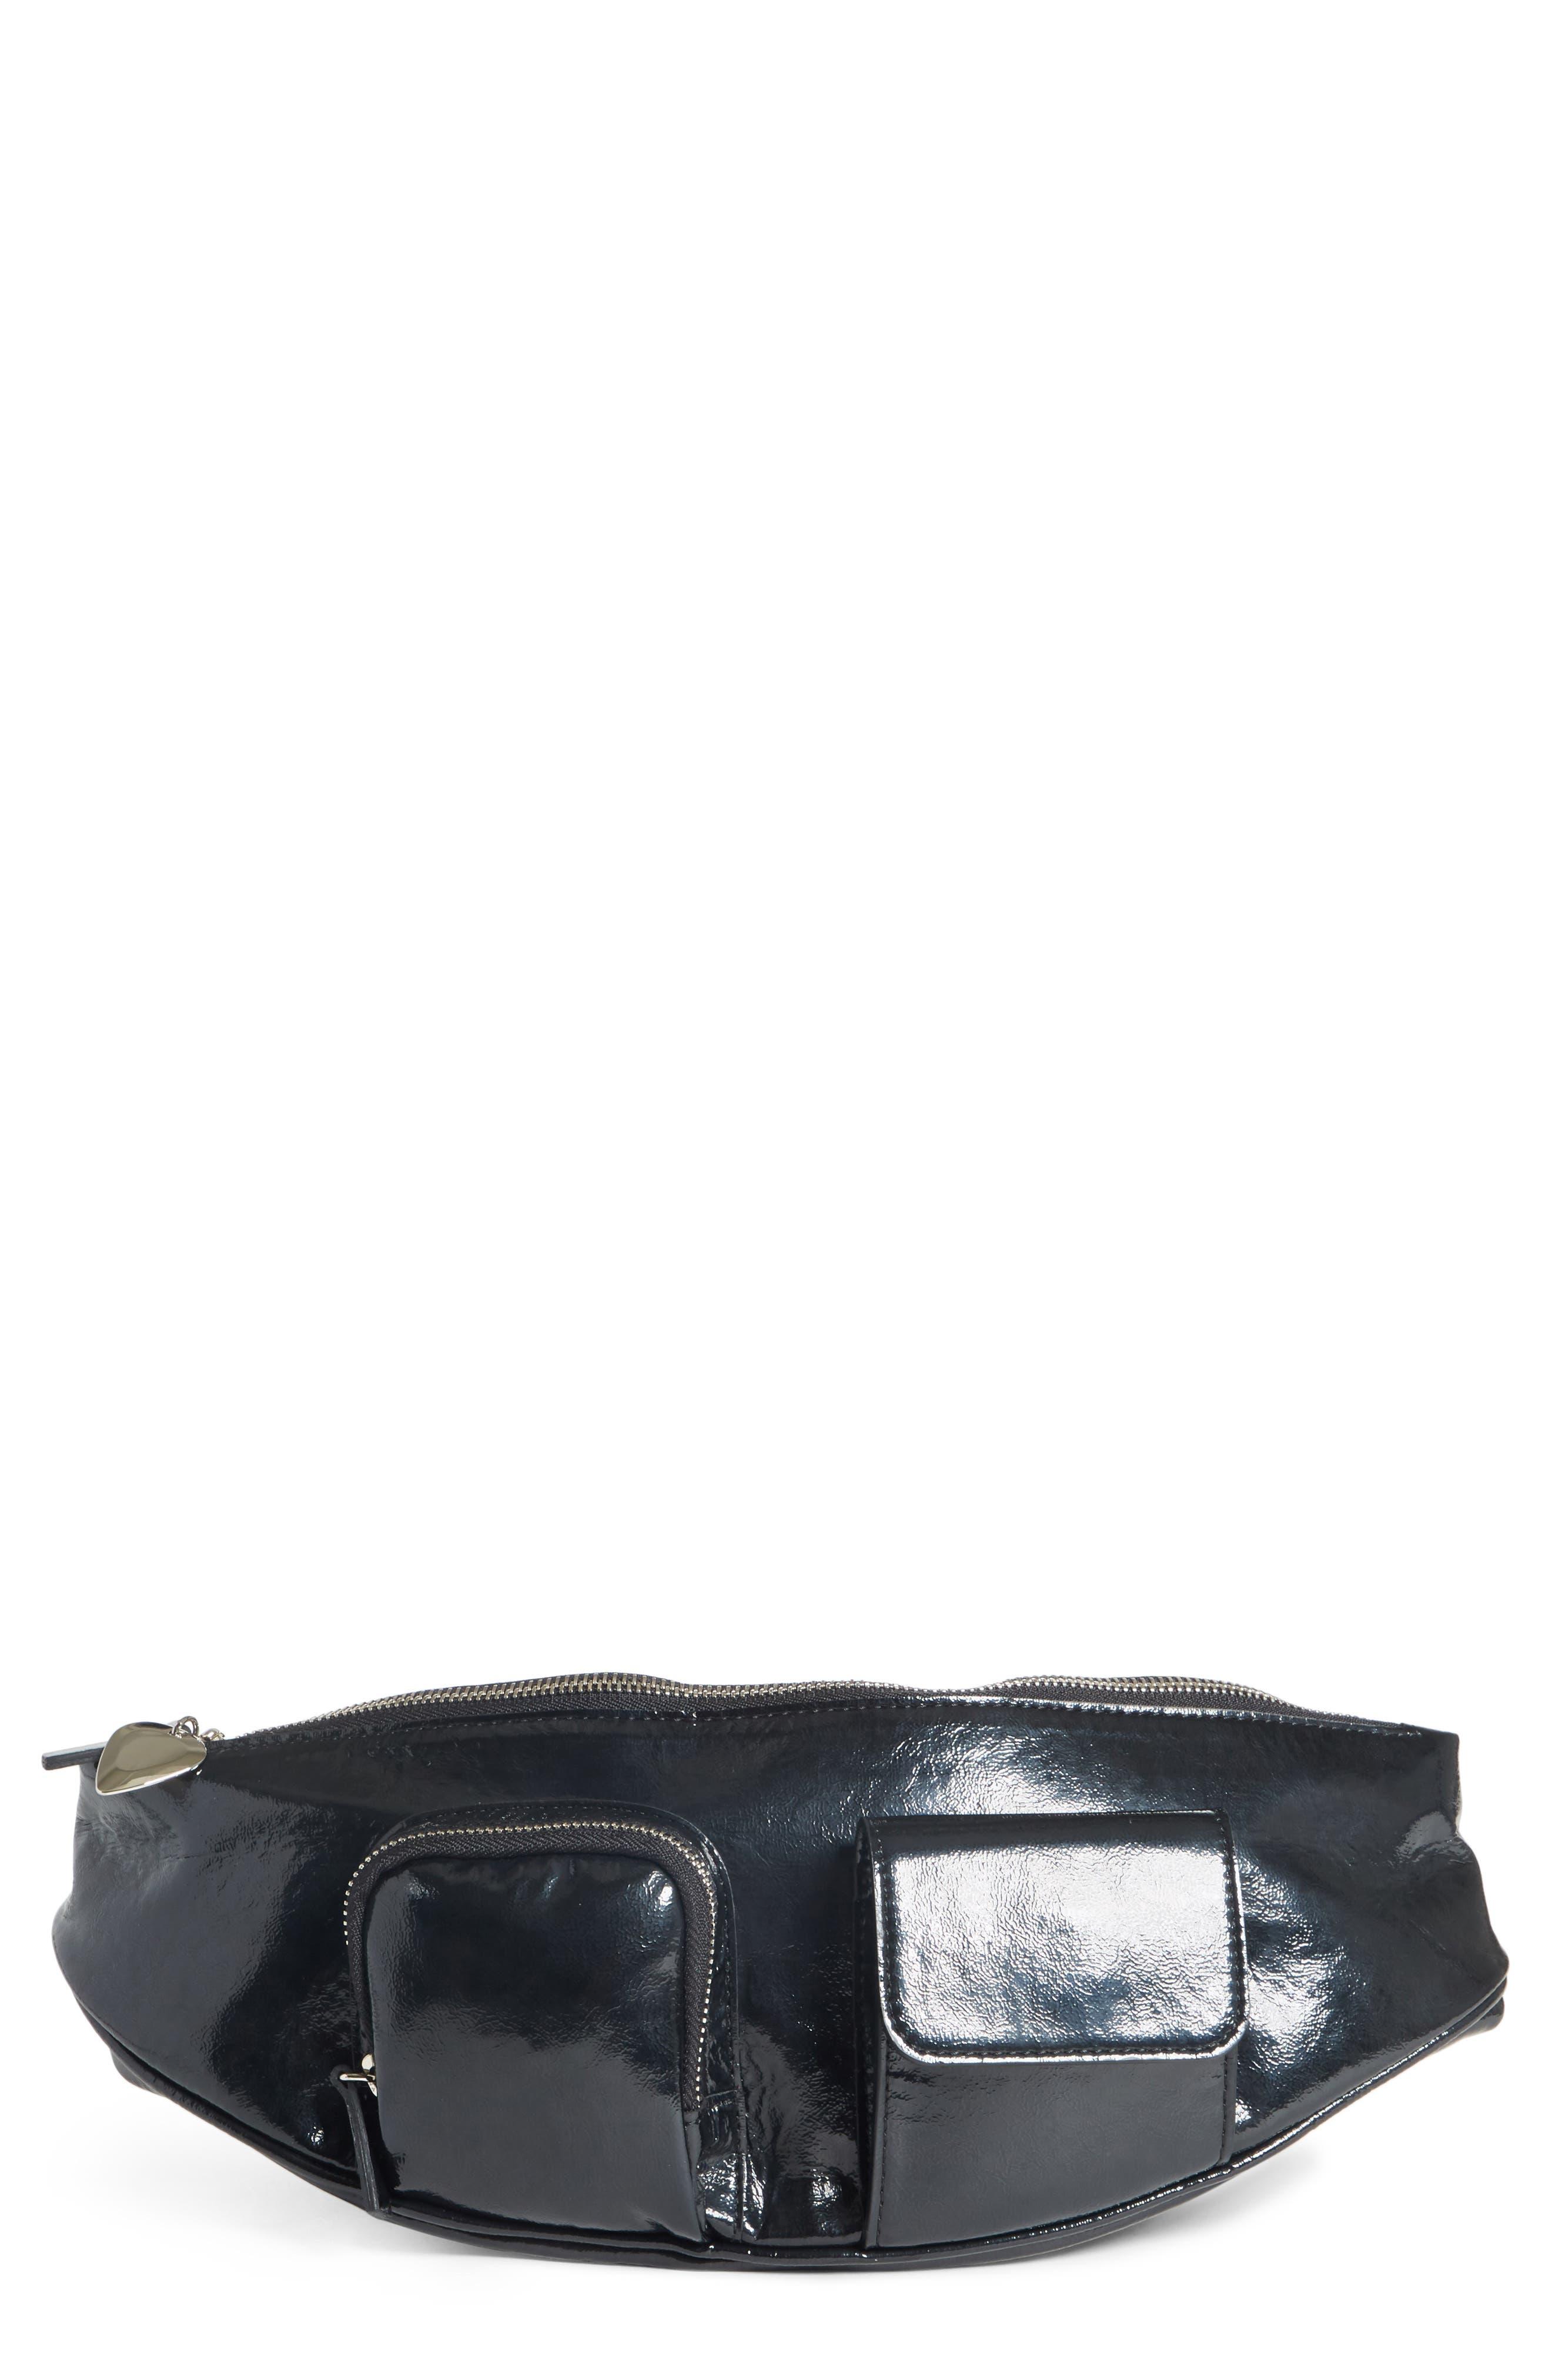 AVEC LA TROUPE Major Convertible Belt Bag - Black in Black Patent